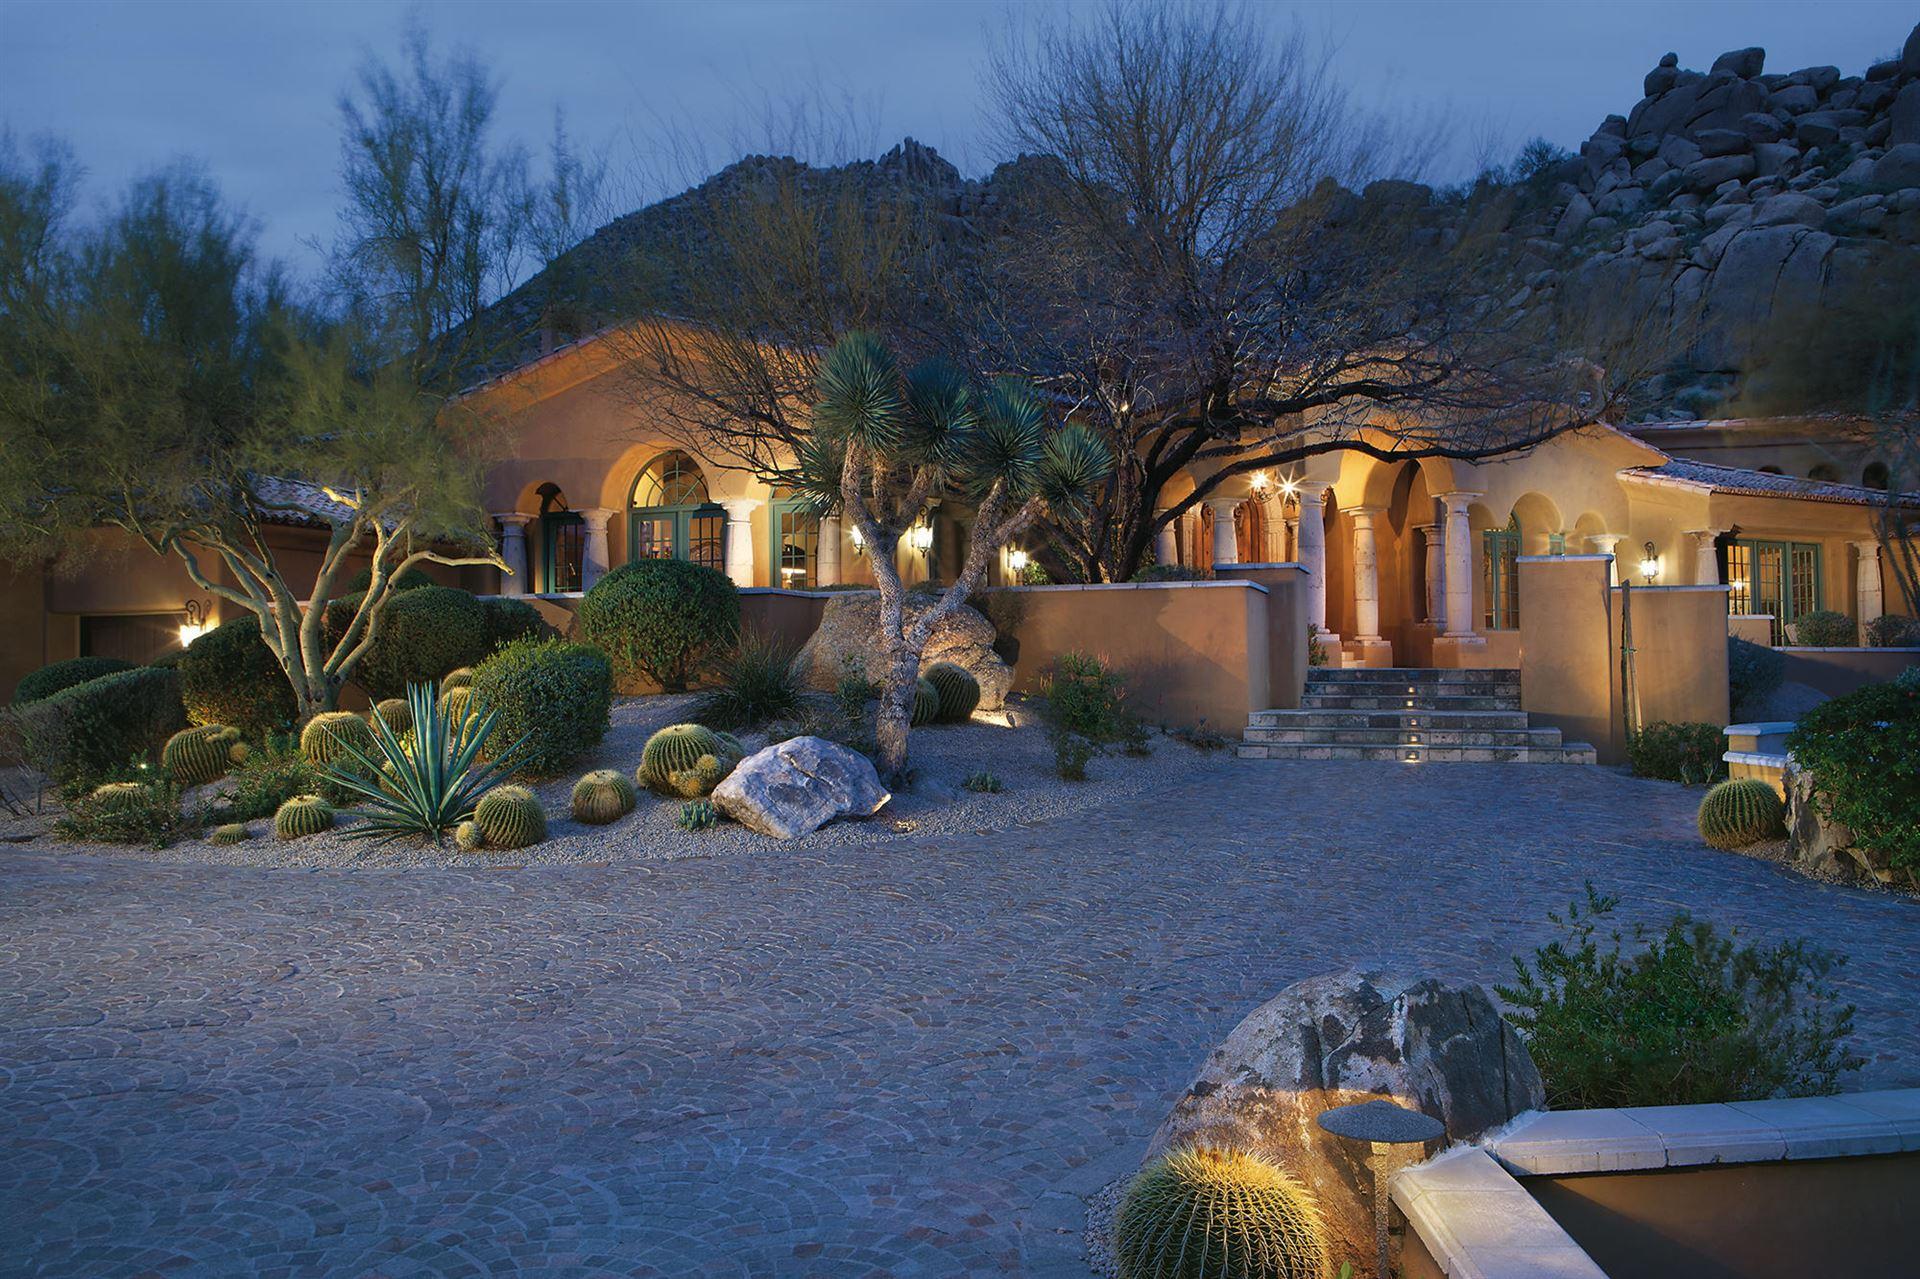 10967 E TROON MOUNTAIN Drive, Scottsdale, AZ 85255 - MLS#: 6211802